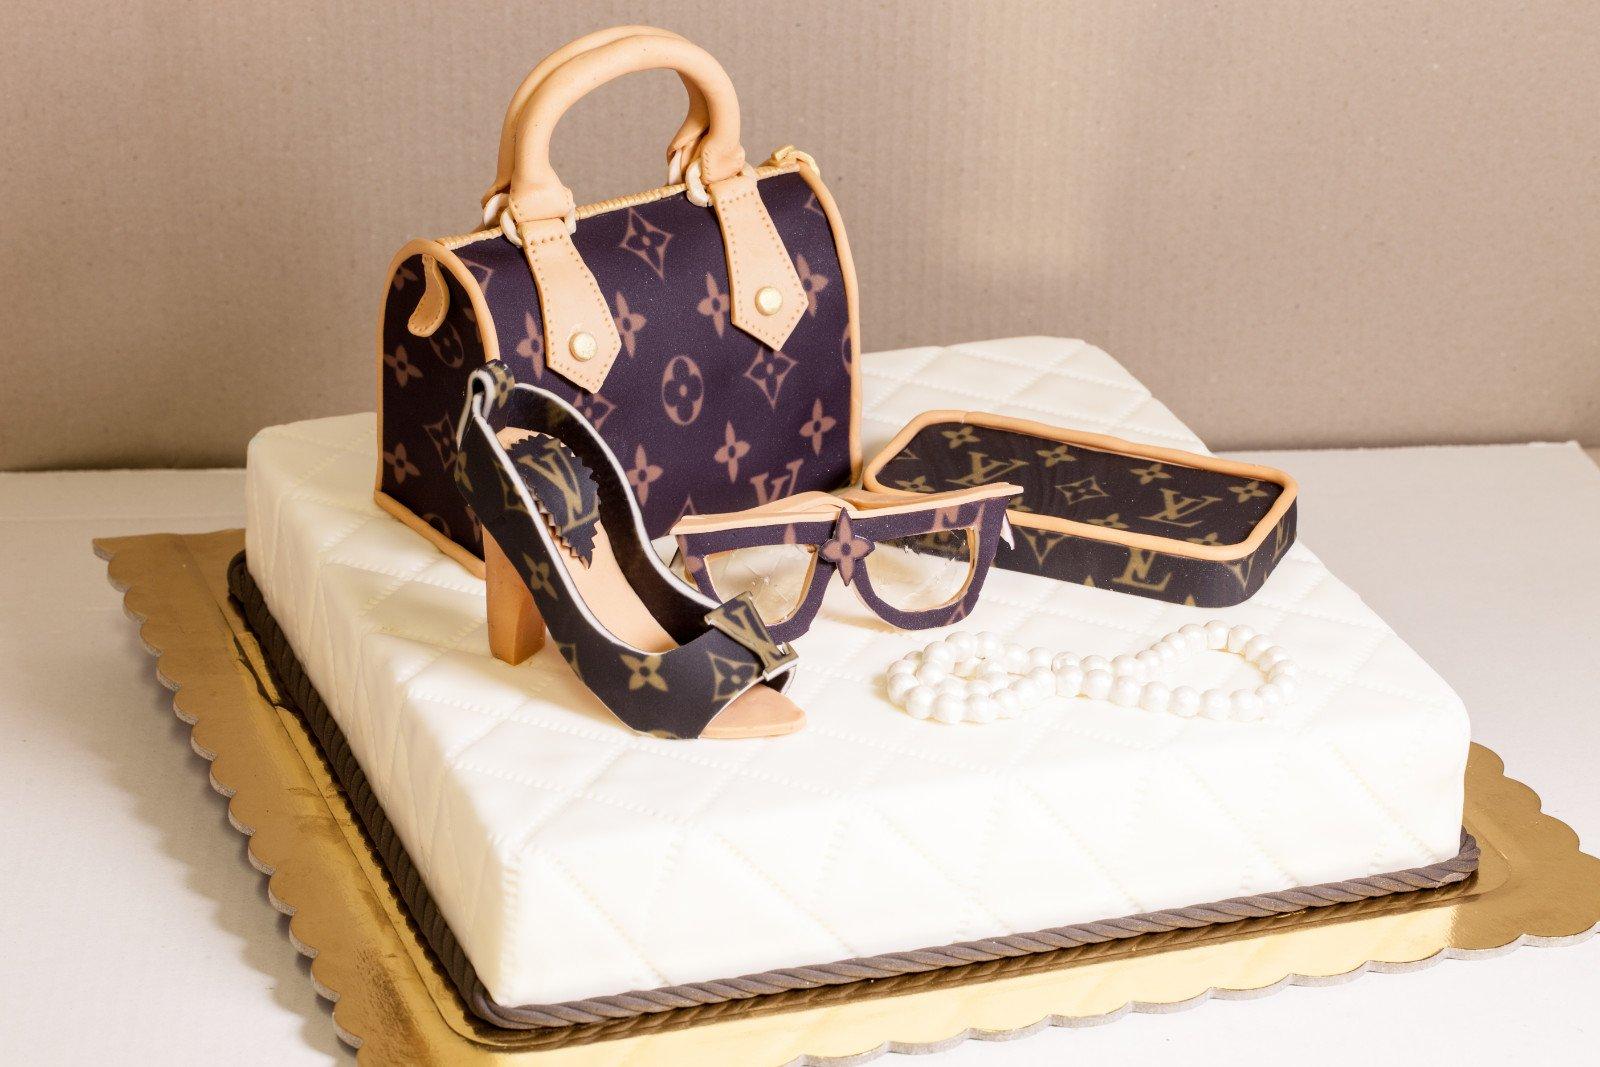 Torta realizzata con copertura in pasta di zucchero raffigurante borsa, scarpe occhiali luis vitton